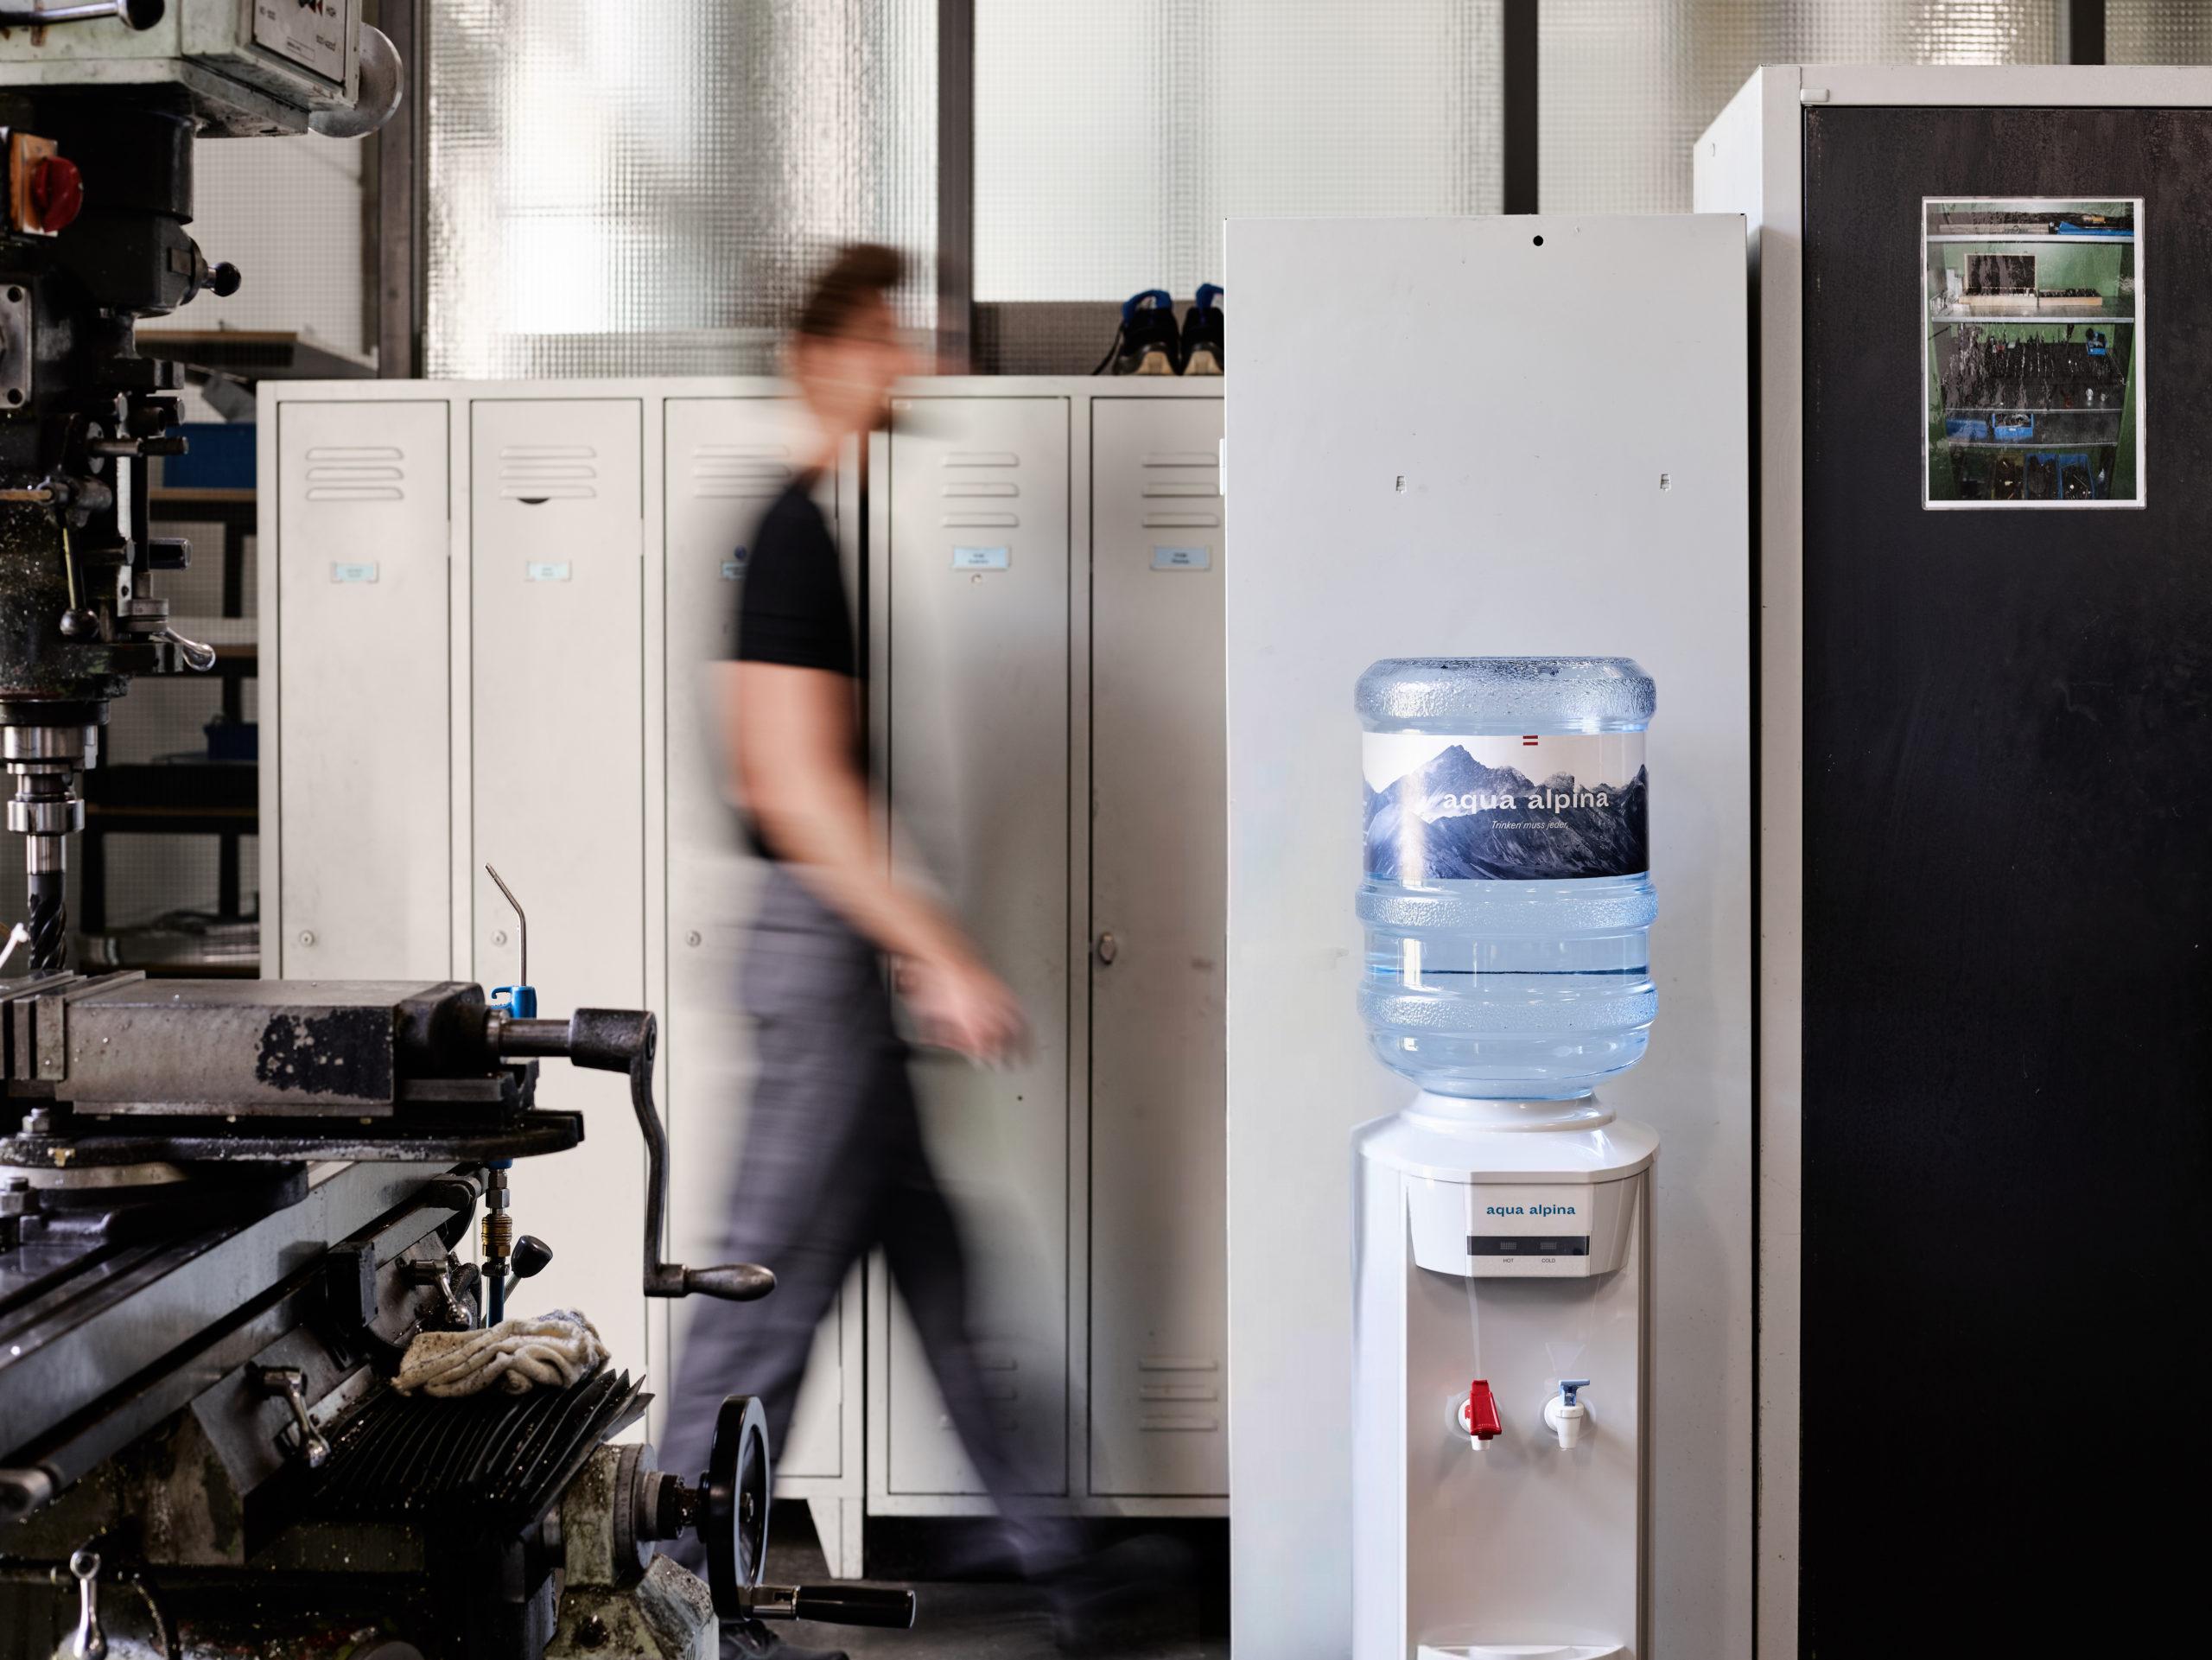 Produktionshalle Person Geht An Wasserspender Vorbei